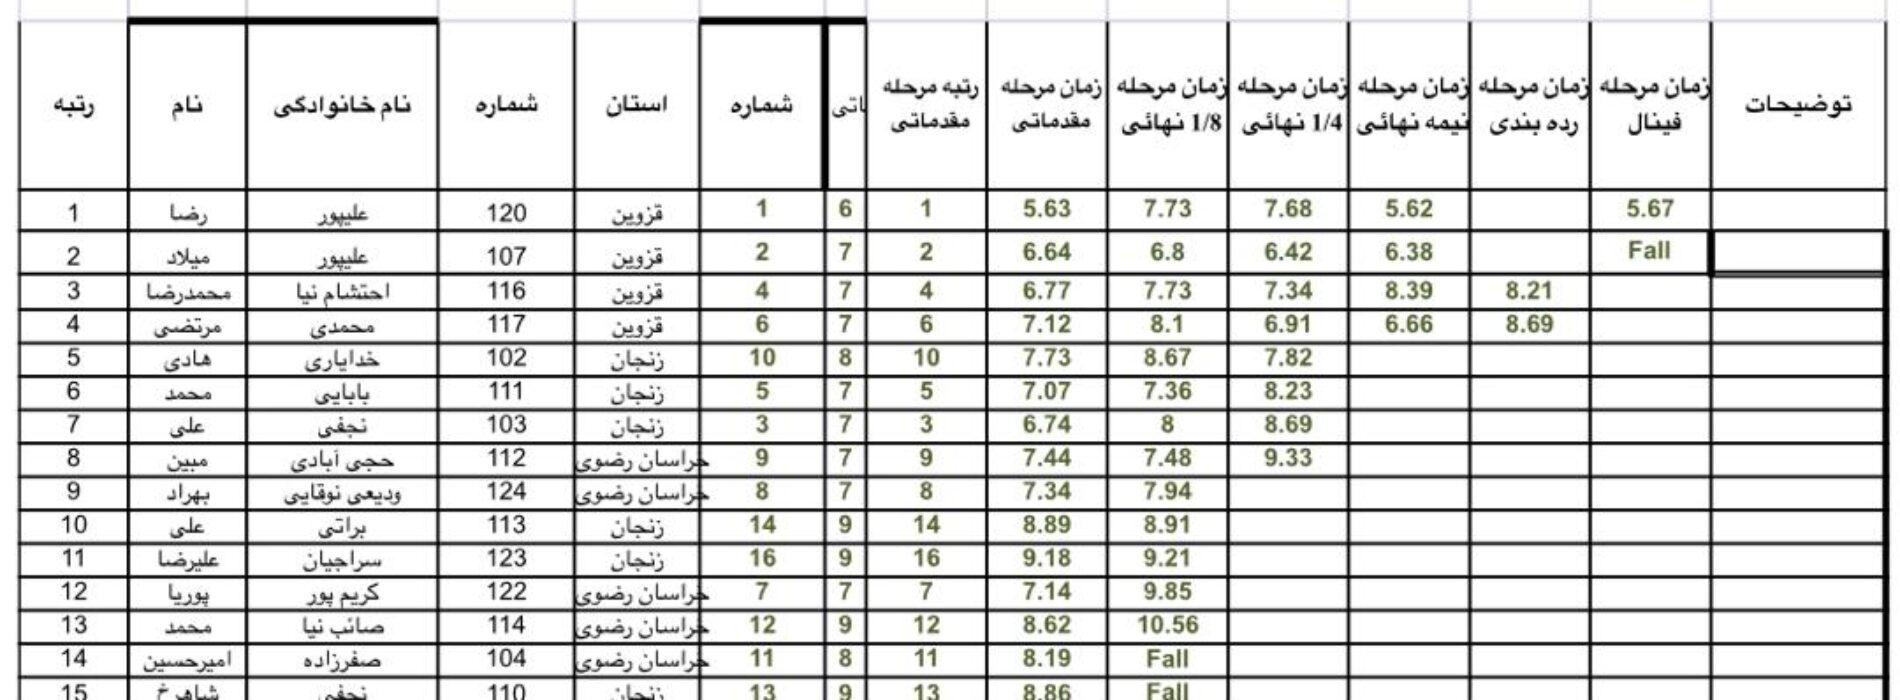 «رضا علیپور» نفر برتر مسابقات درون اردویی انتخابی تیم ملی سنگنوردی / ماده «سرعت»